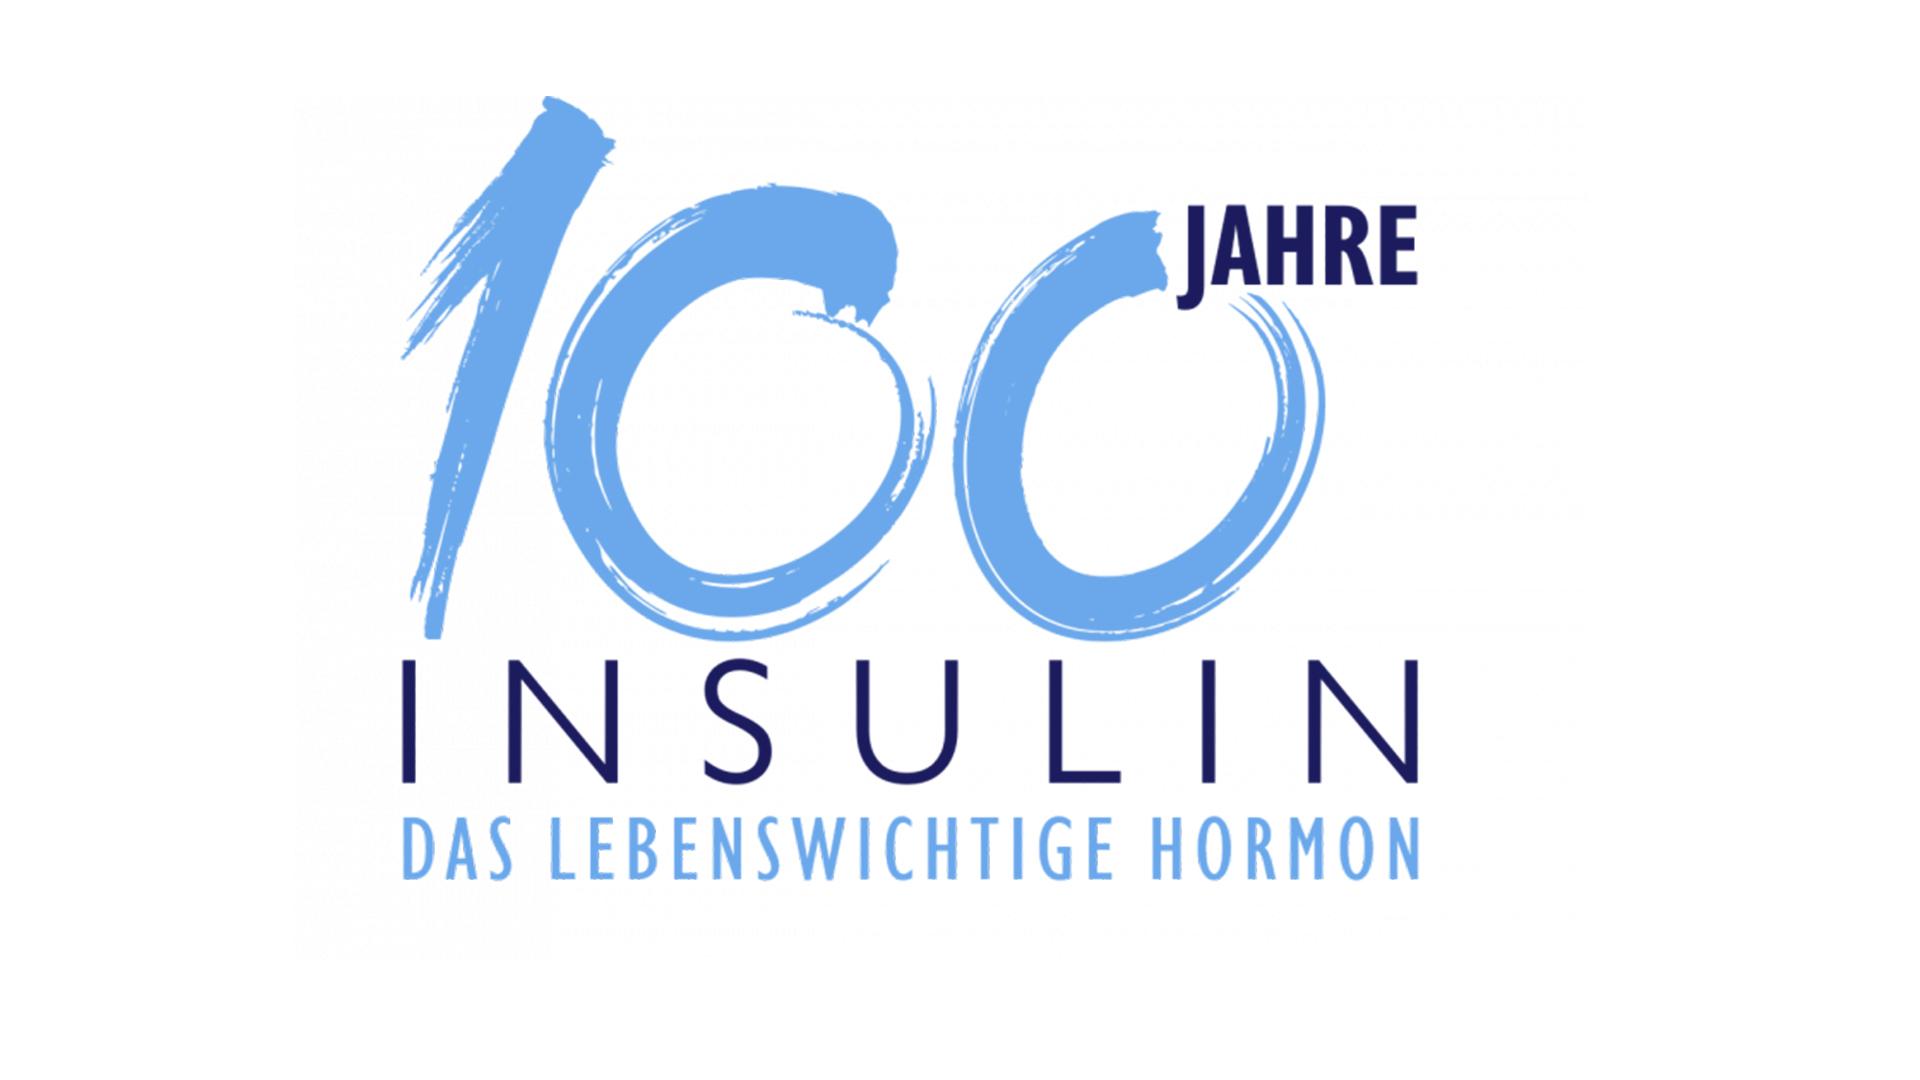 100 Jahre Insulin – Das lebenswichtige Hormon